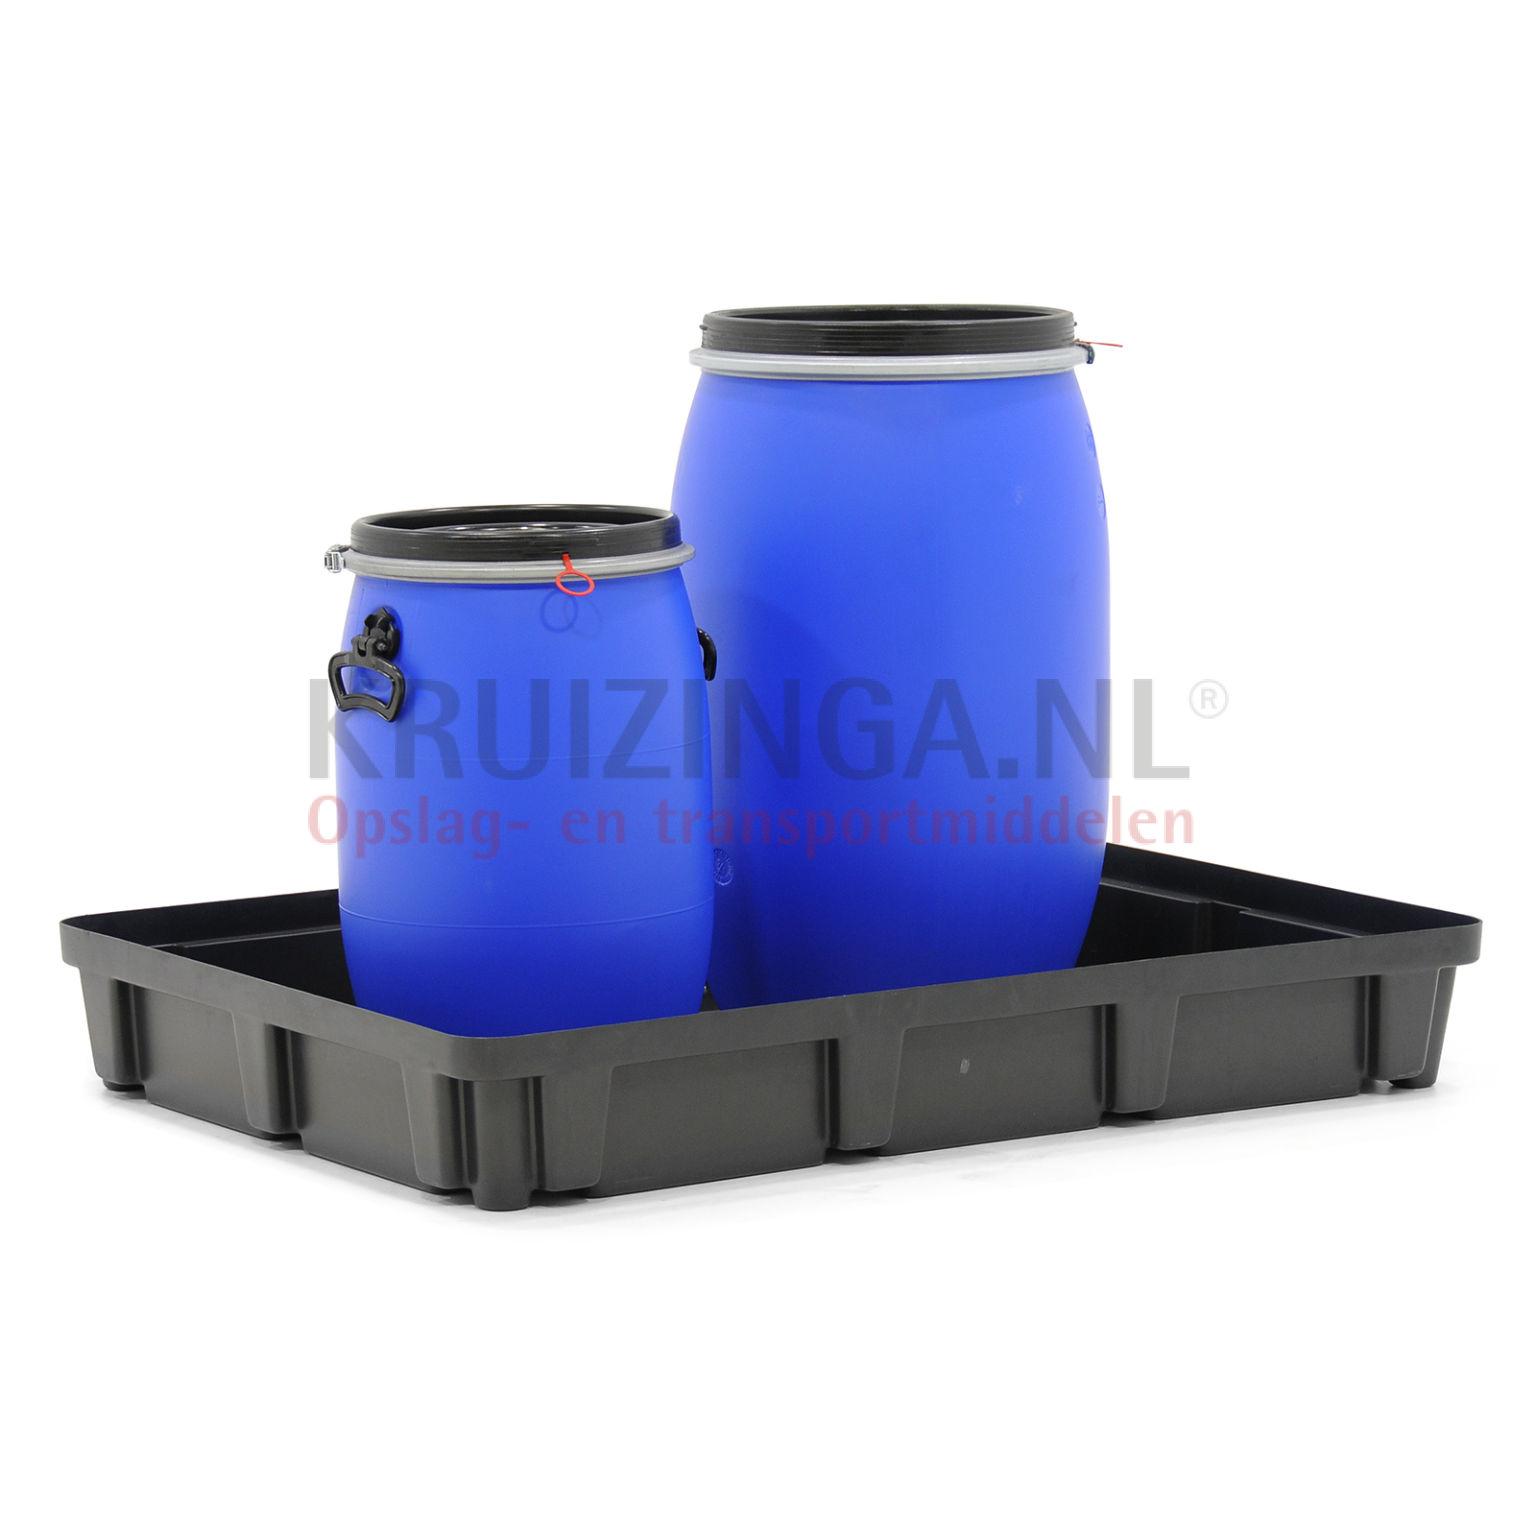 bac de rangement plastique emboitable convenable pour format palette 1200x800 mm occasion. Black Bedroom Furniture Sets. Home Design Ideas